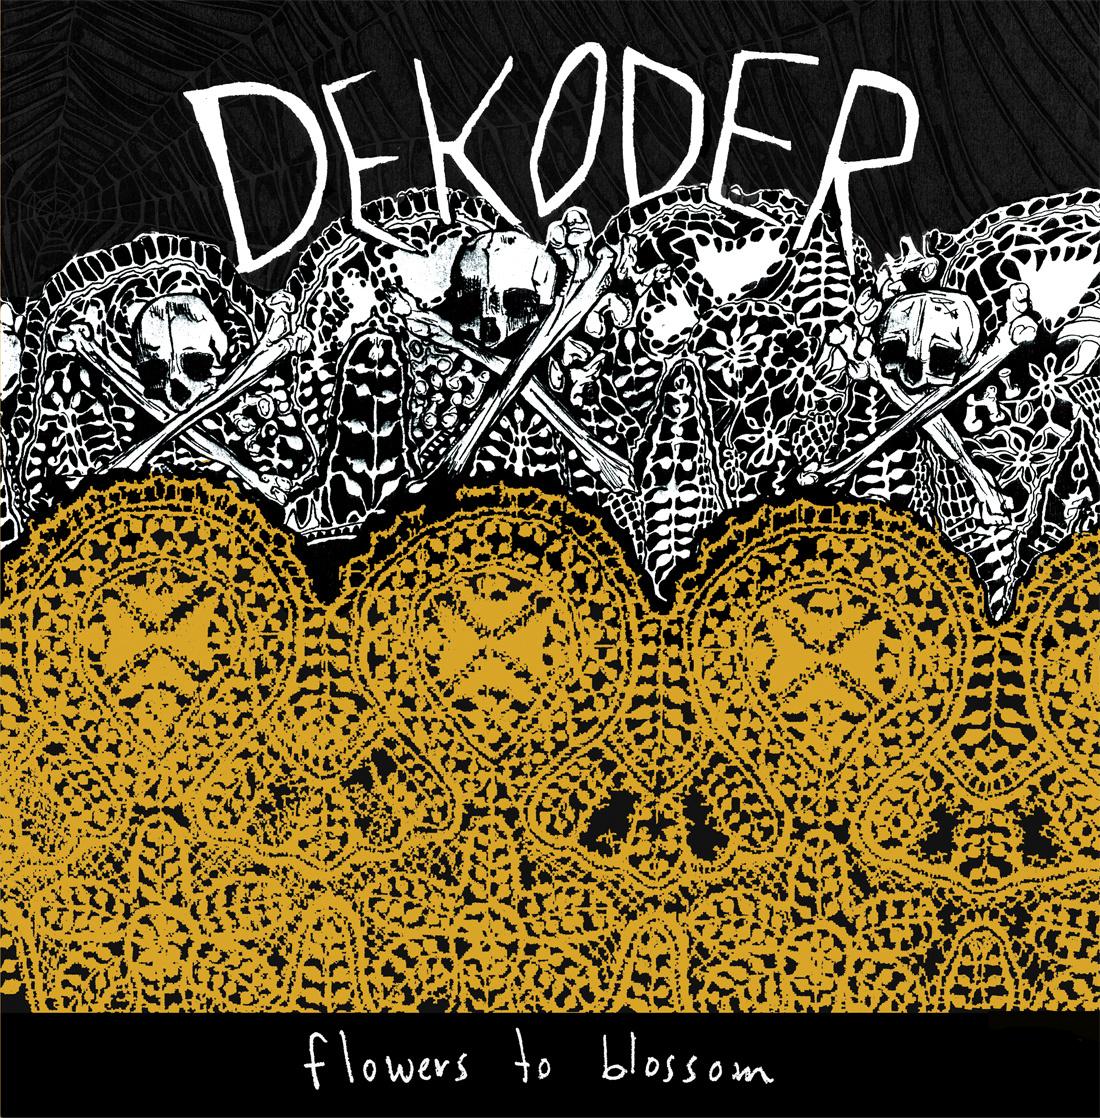 Dekoder - Flowers to Clossom